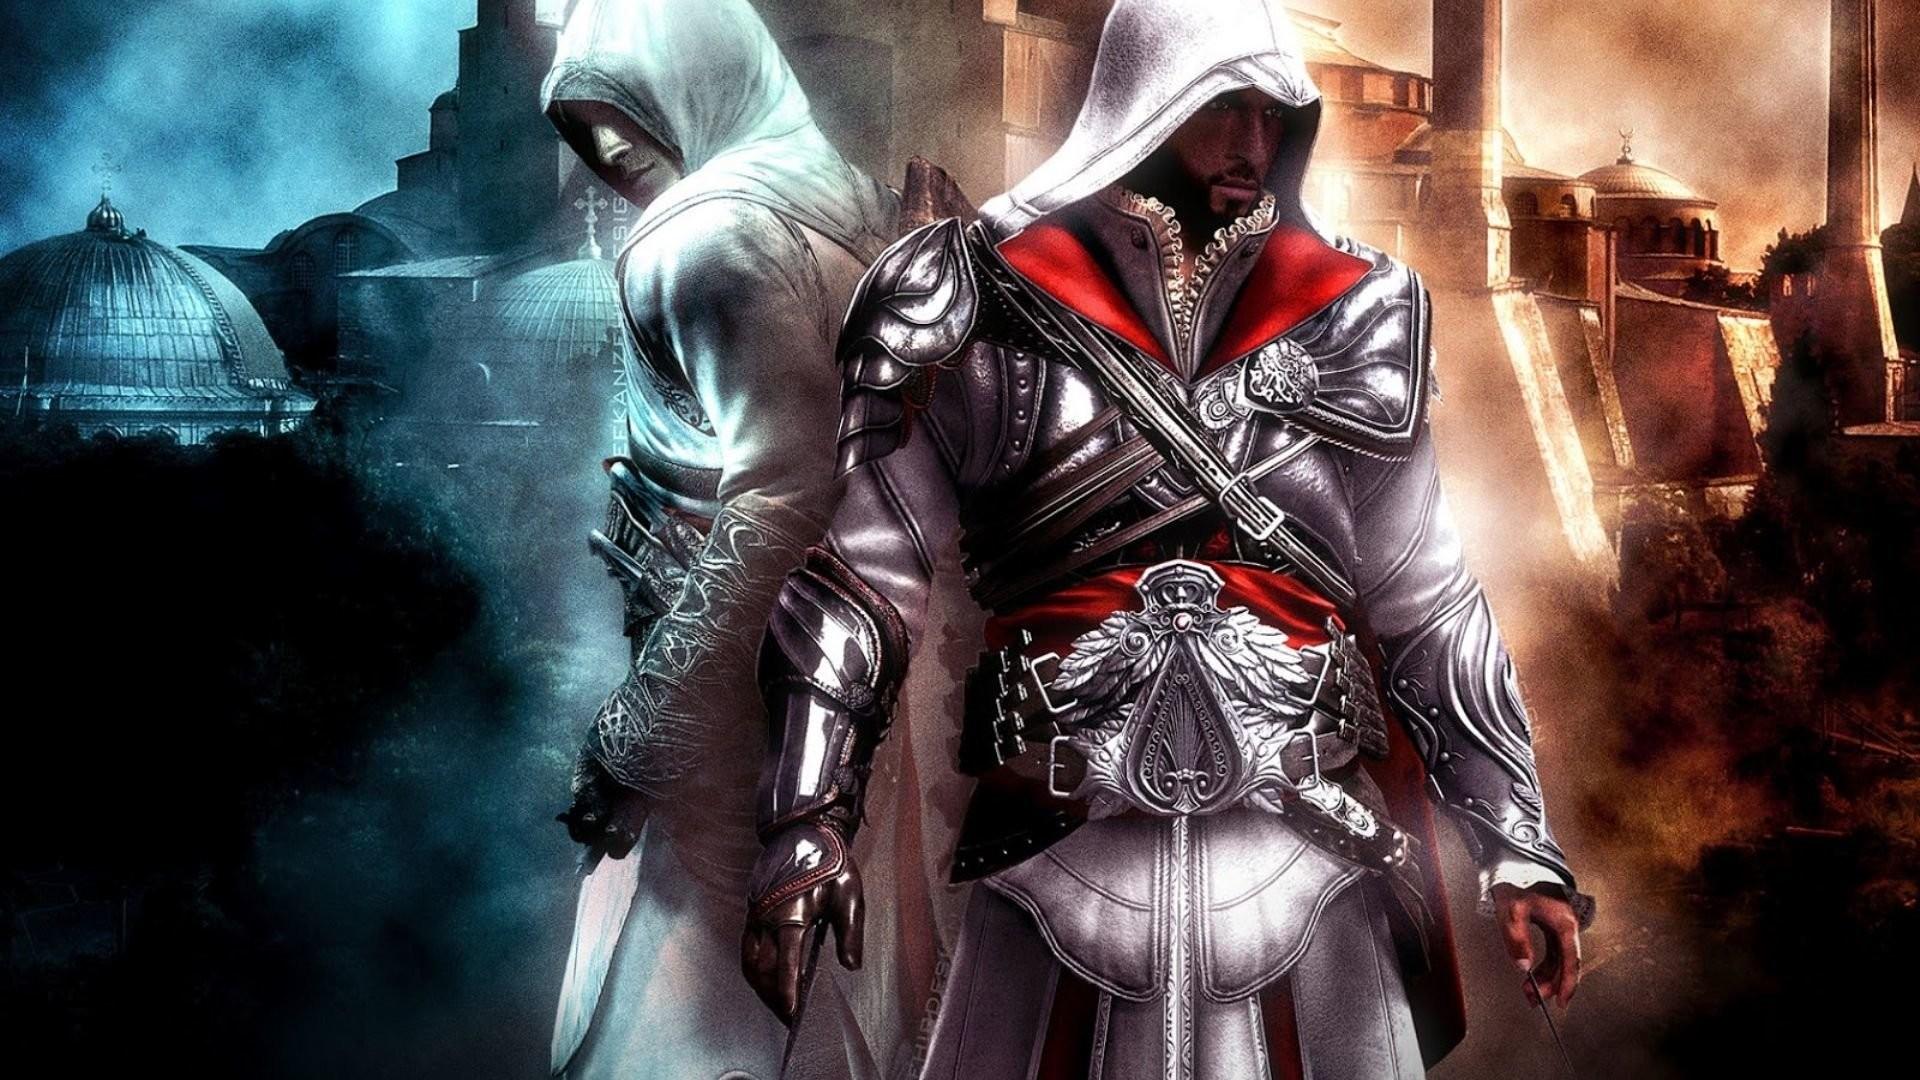 Assassin Wallpaper Image